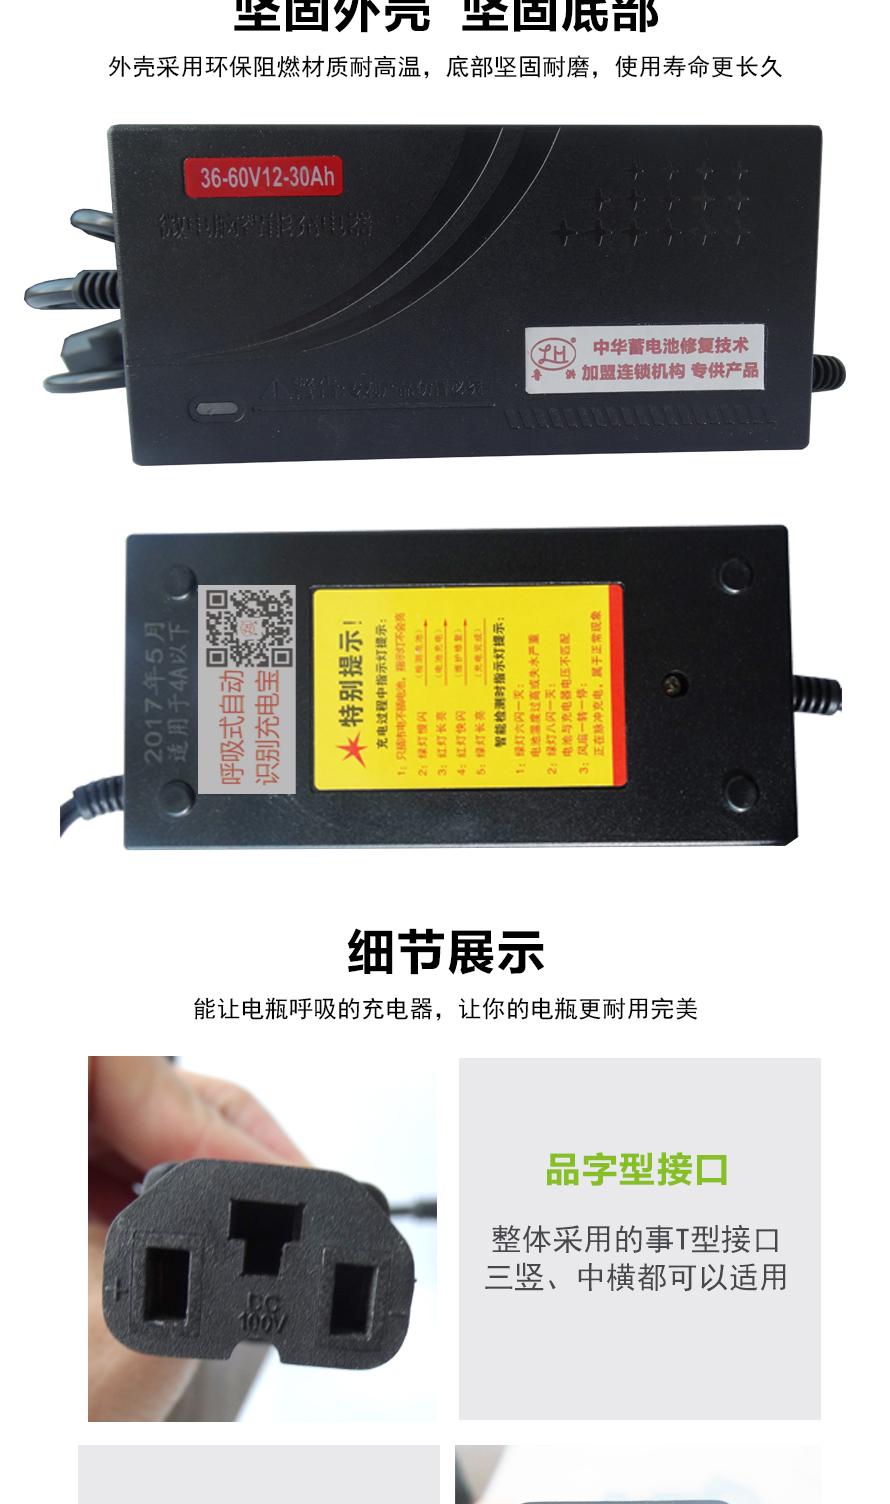 充电器详情7